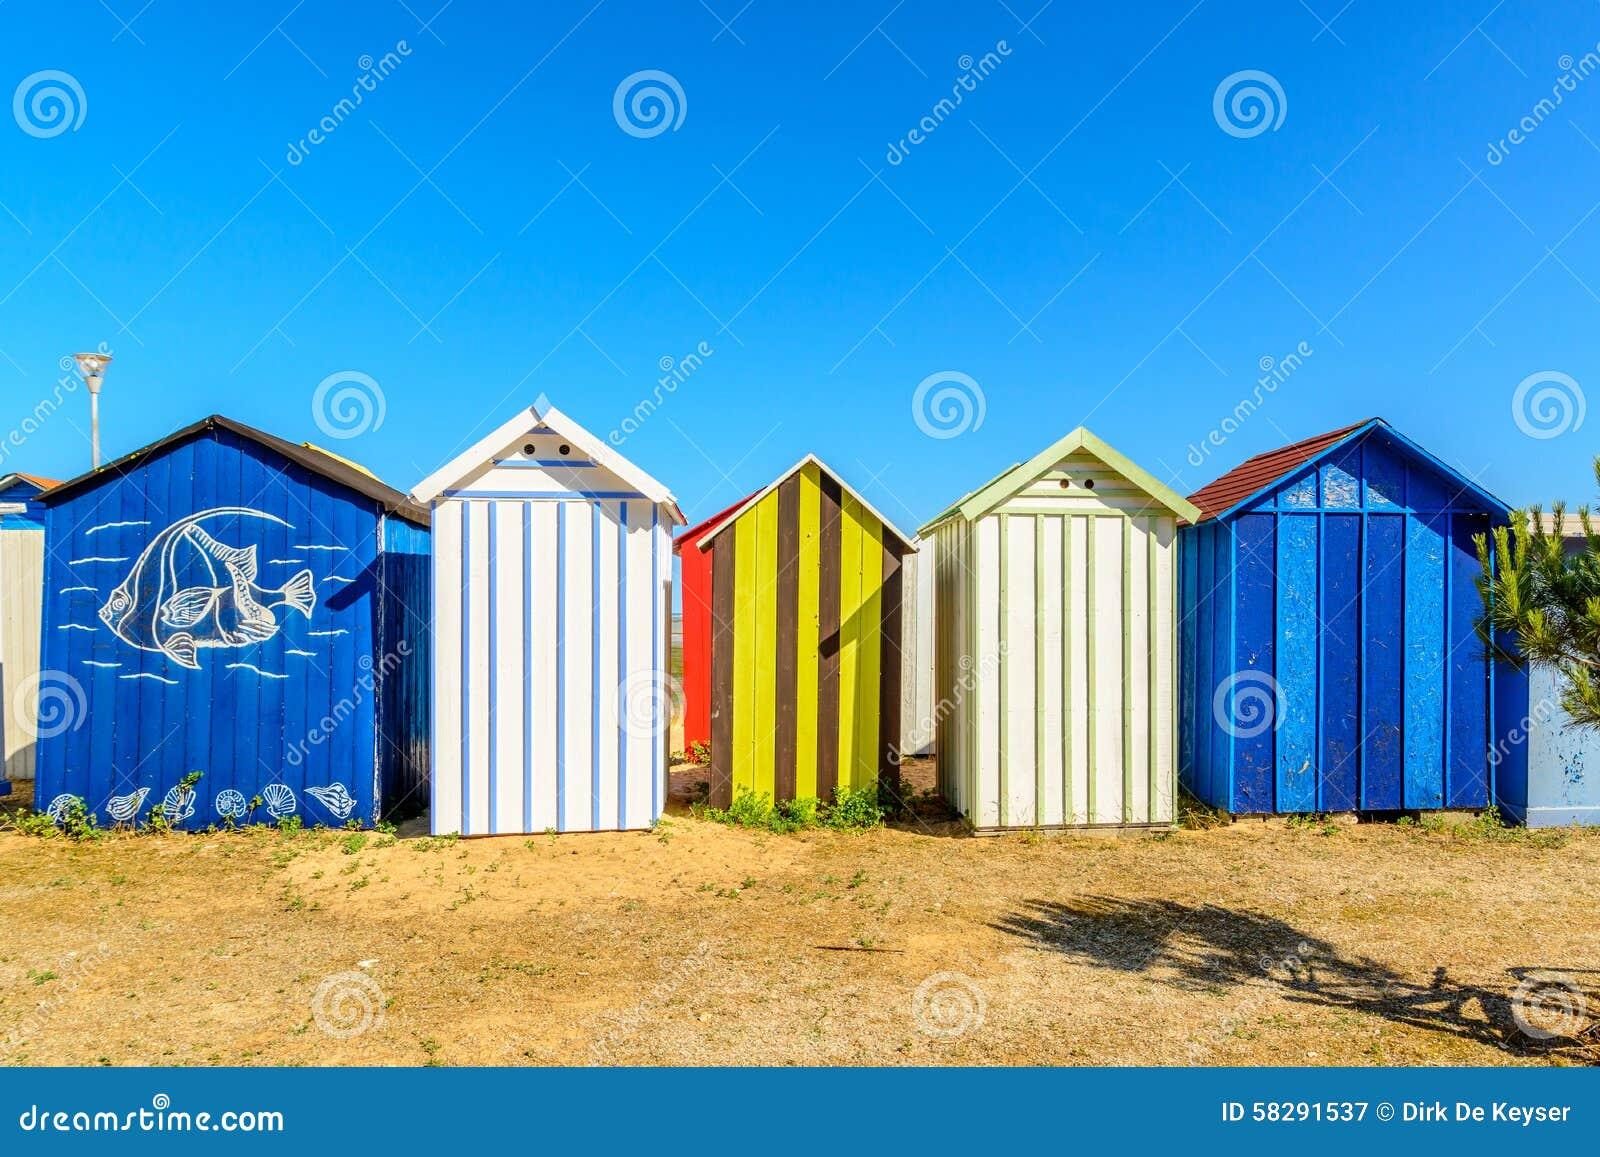 Vare los cabines en el oleron del ile d, Francia